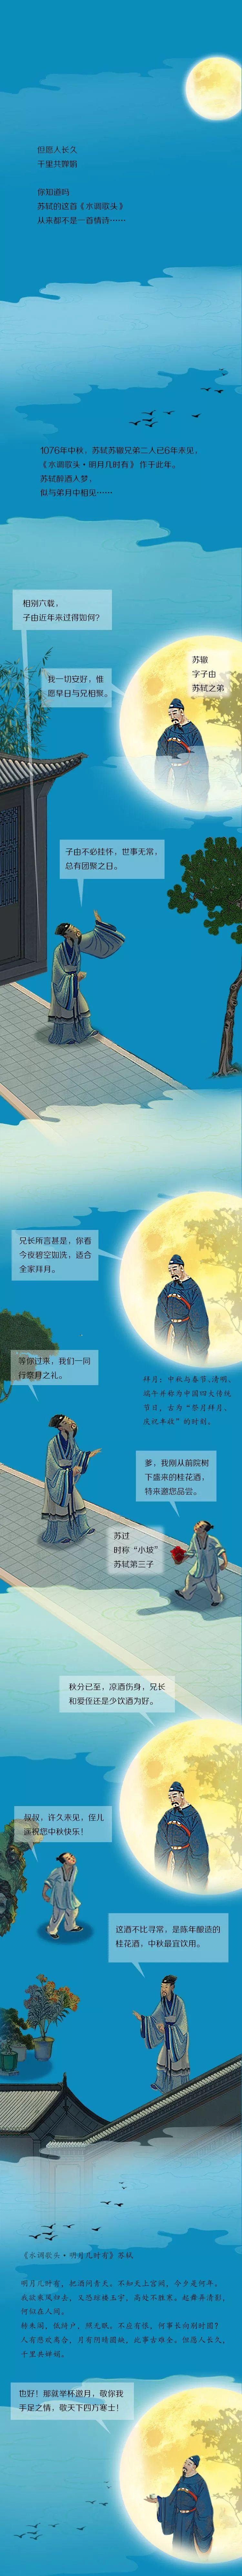 这一年中秋,苏轼终于和词中人团聚了